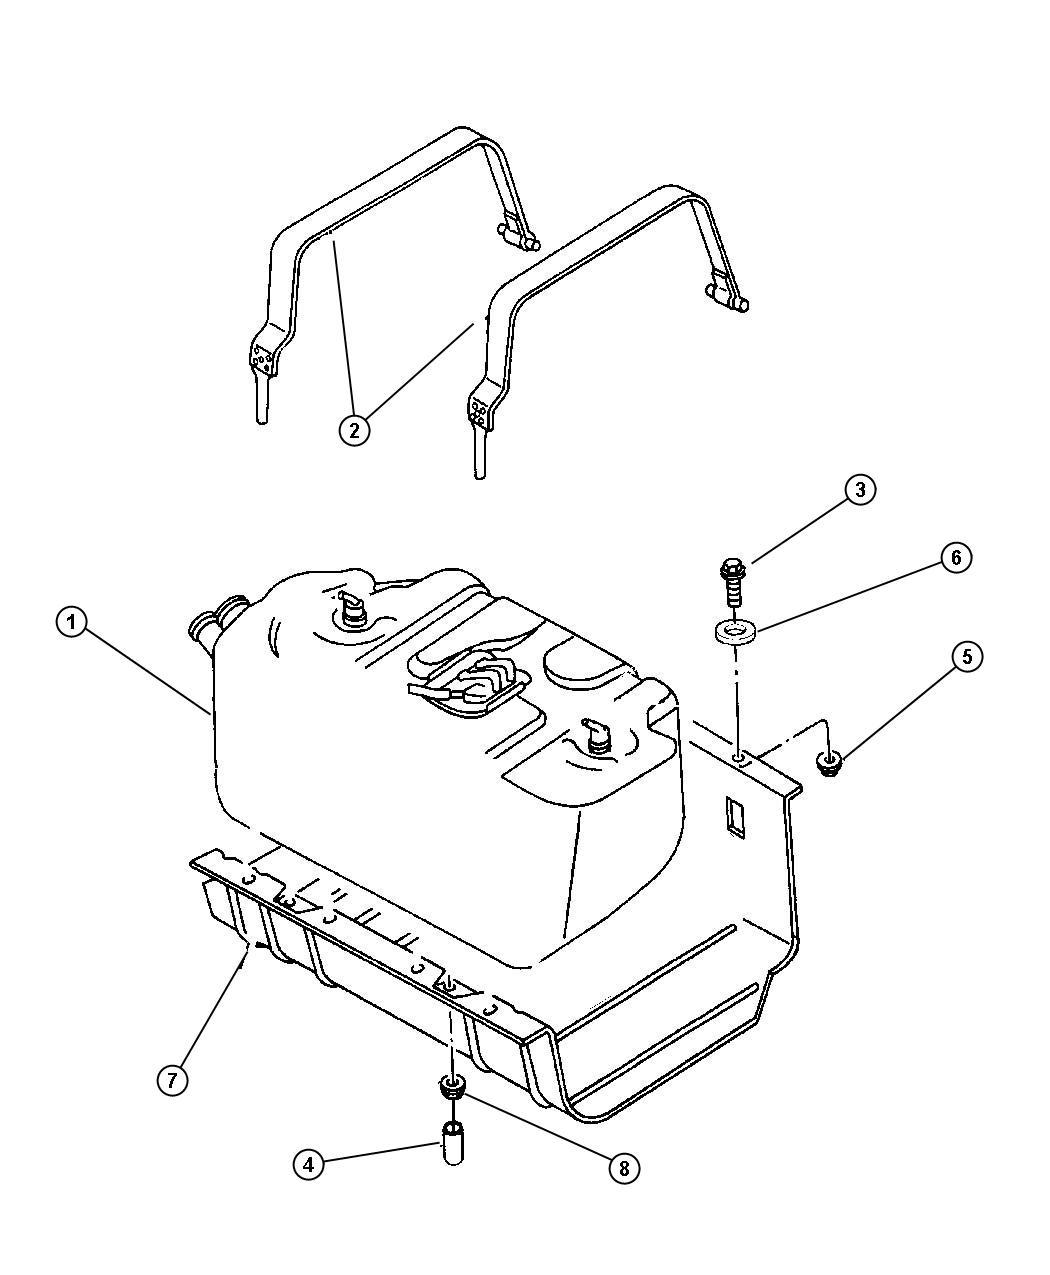 1999 jeep wrangler fuel tank. Black Bedroom Furniture Sets. Home Design Ideas